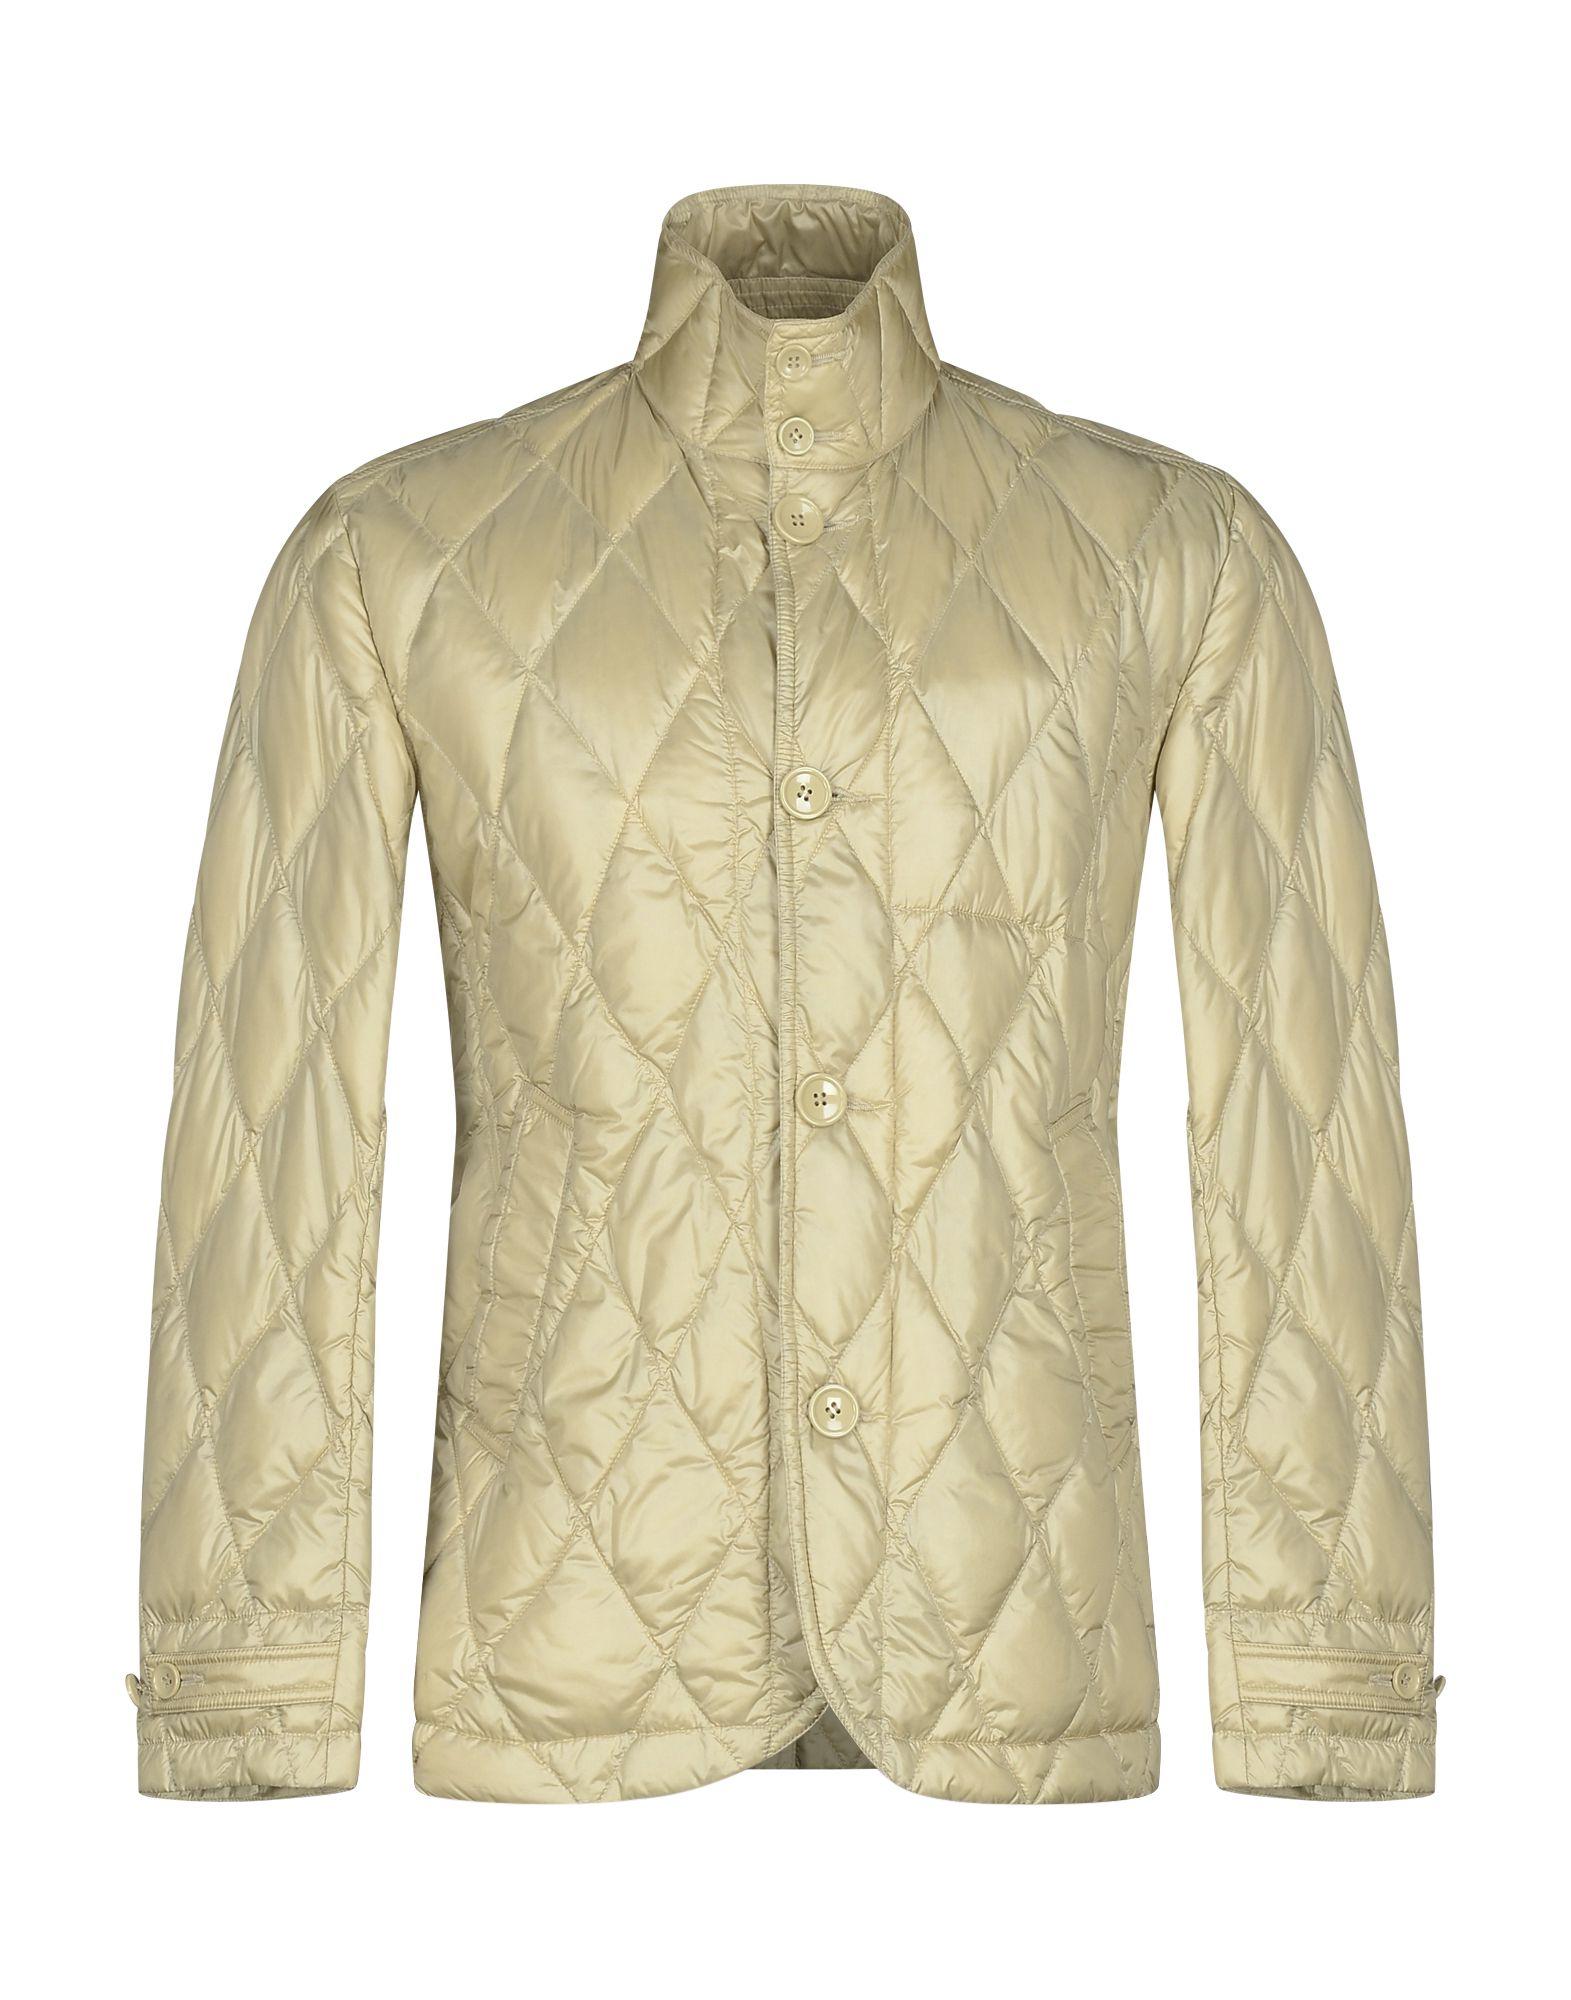 《送料無料》BPD BE PROUD OF THIS DRESS メンズ ダウンジャケット ベージュ XXL ナイロン 100%